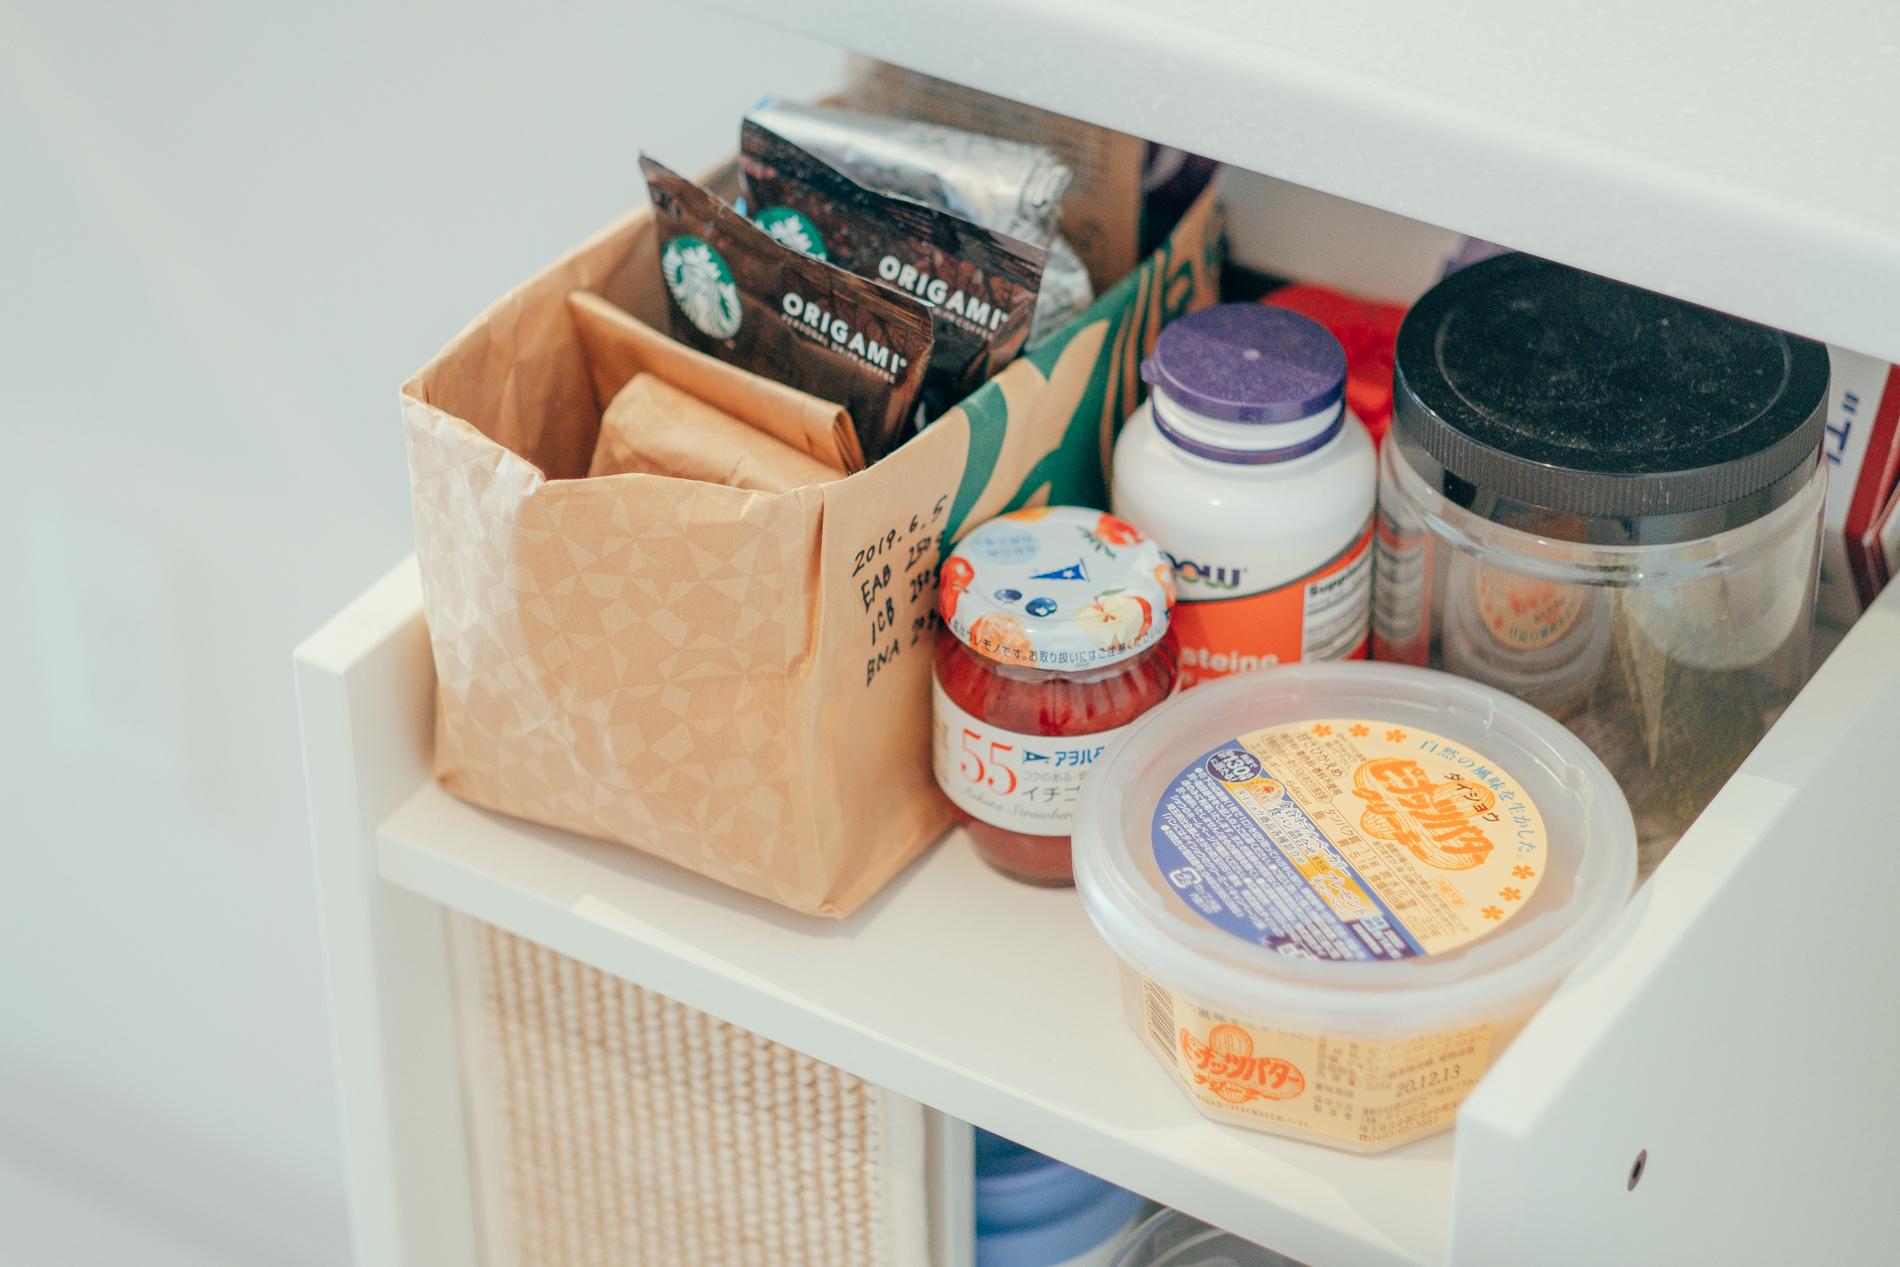 「暮らしの中で大切にしていることに続かないことはしない。ということがあって、キッチンに置くものを日々見直してというよりは、最初に決めた位置やバランスを守ることで綺麗なままに使えるようにしています。」